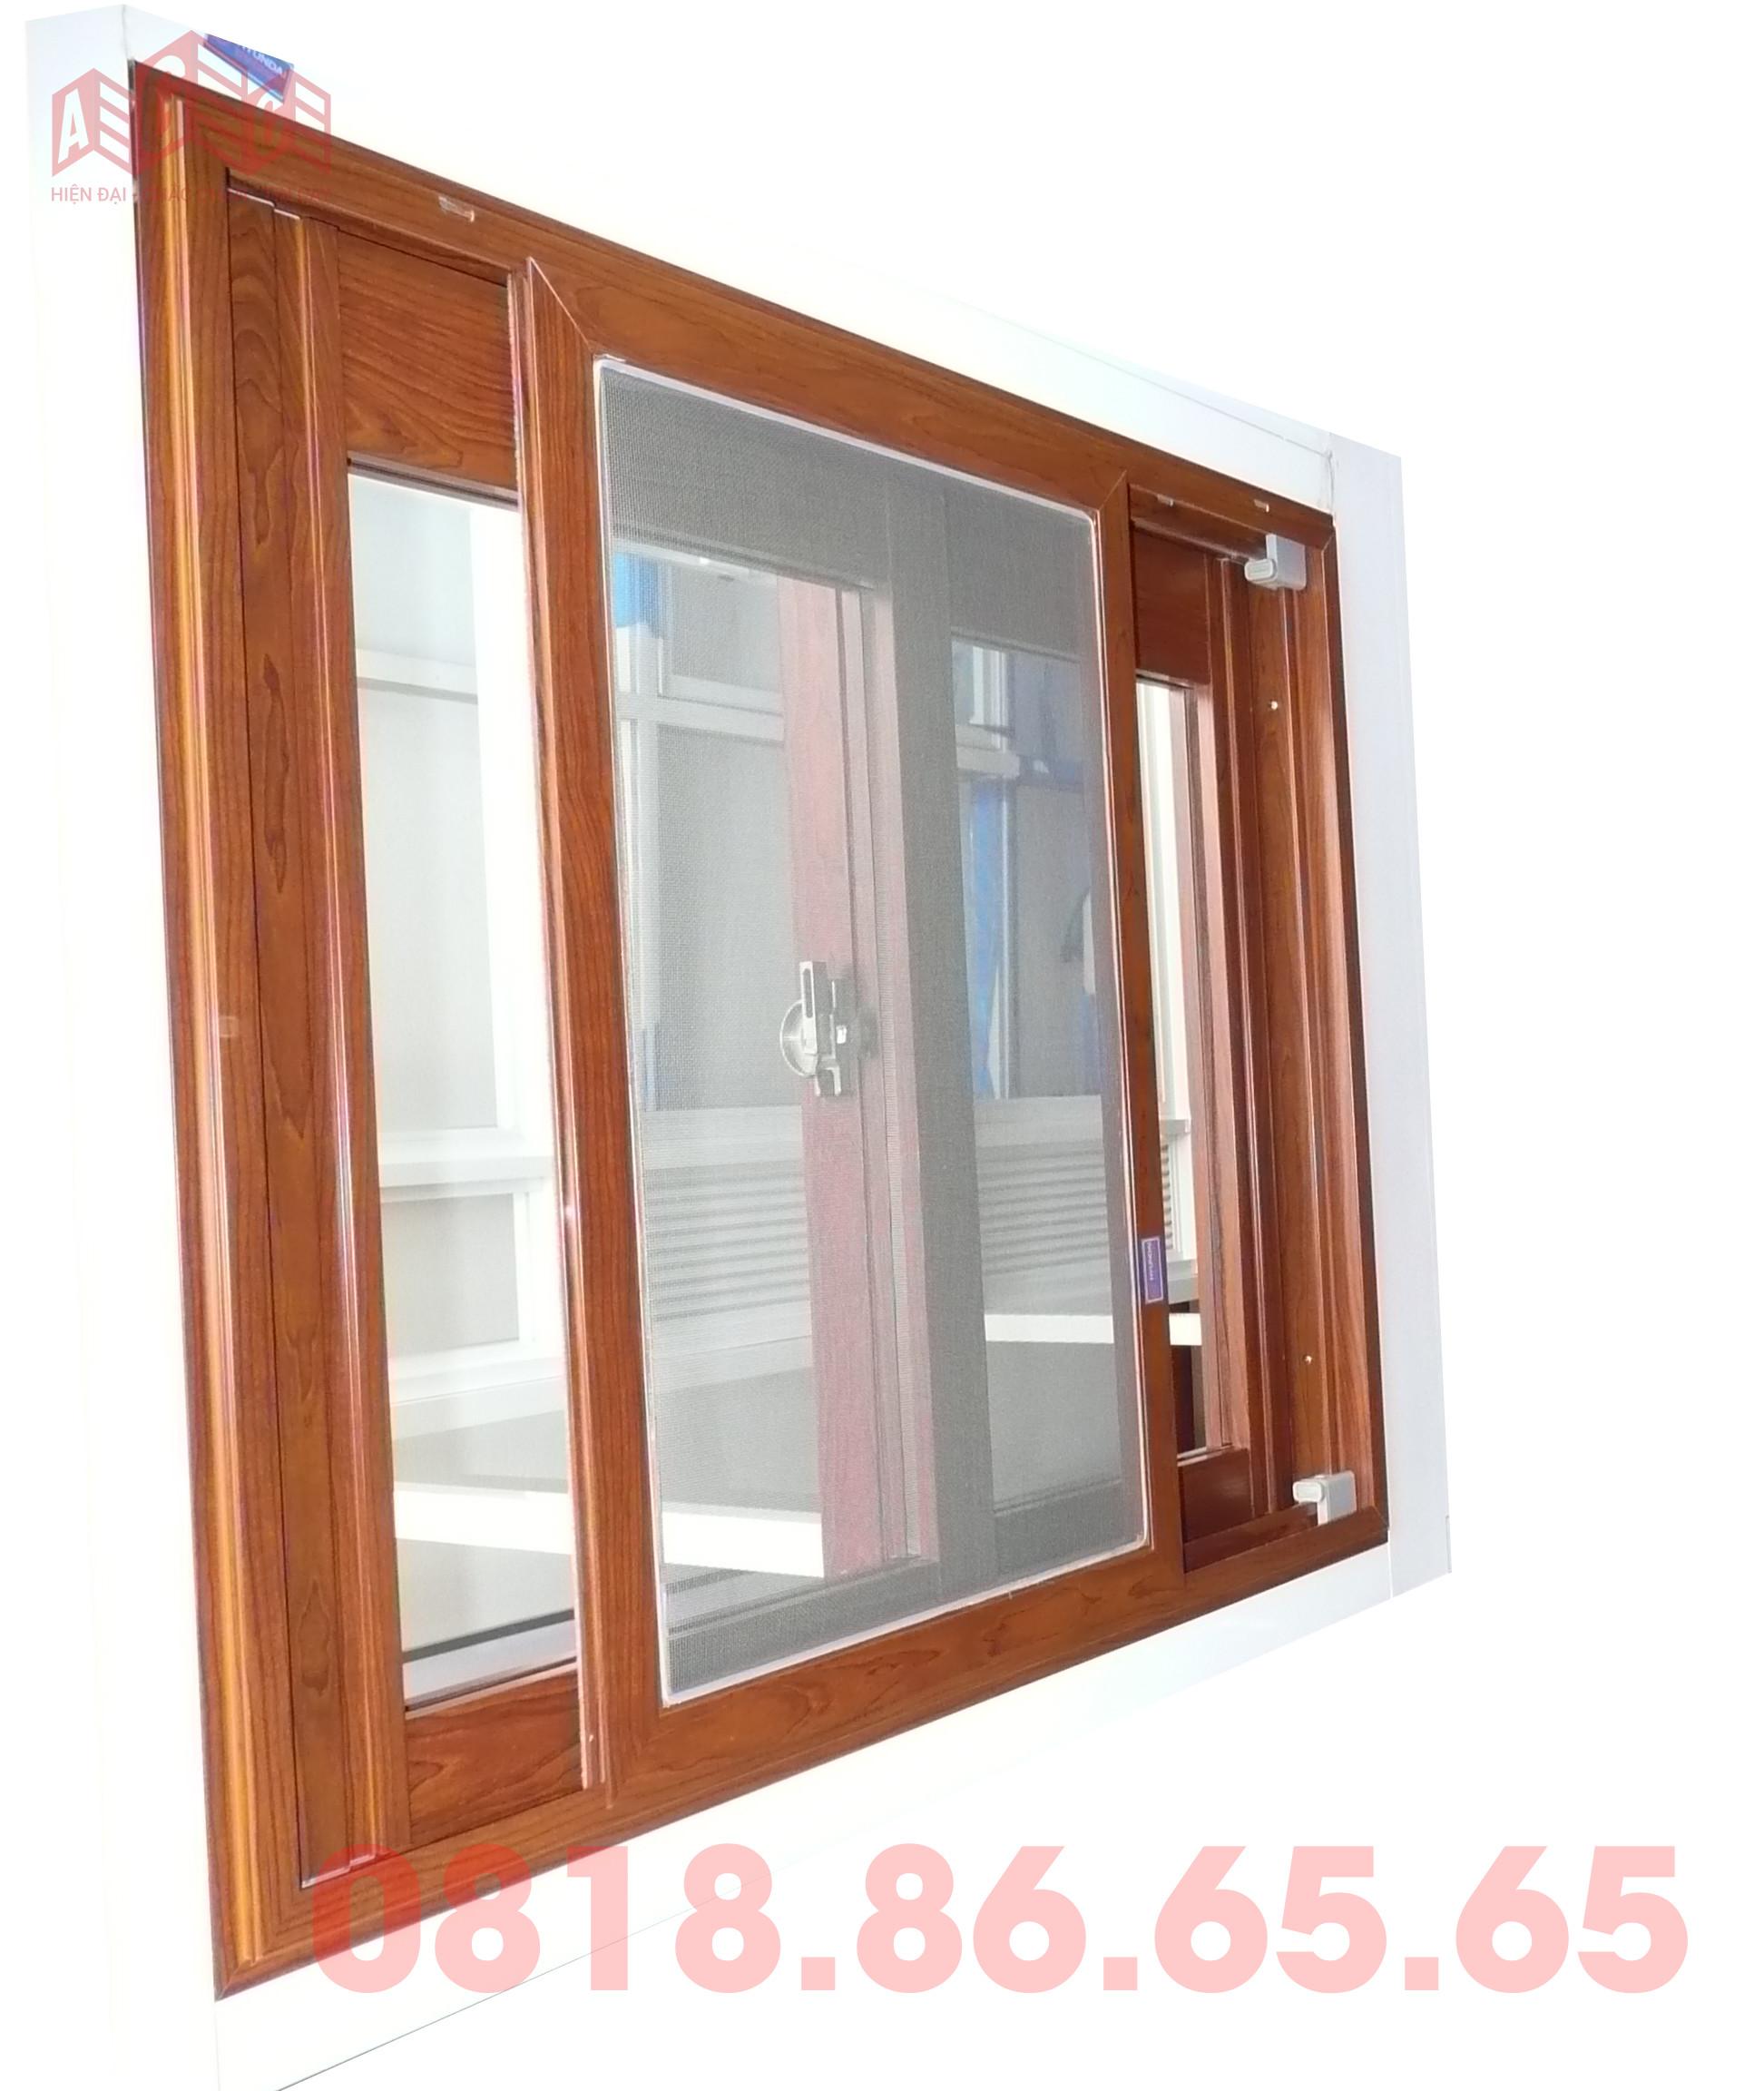 Cửa sổ mở lùa Việt Pháp